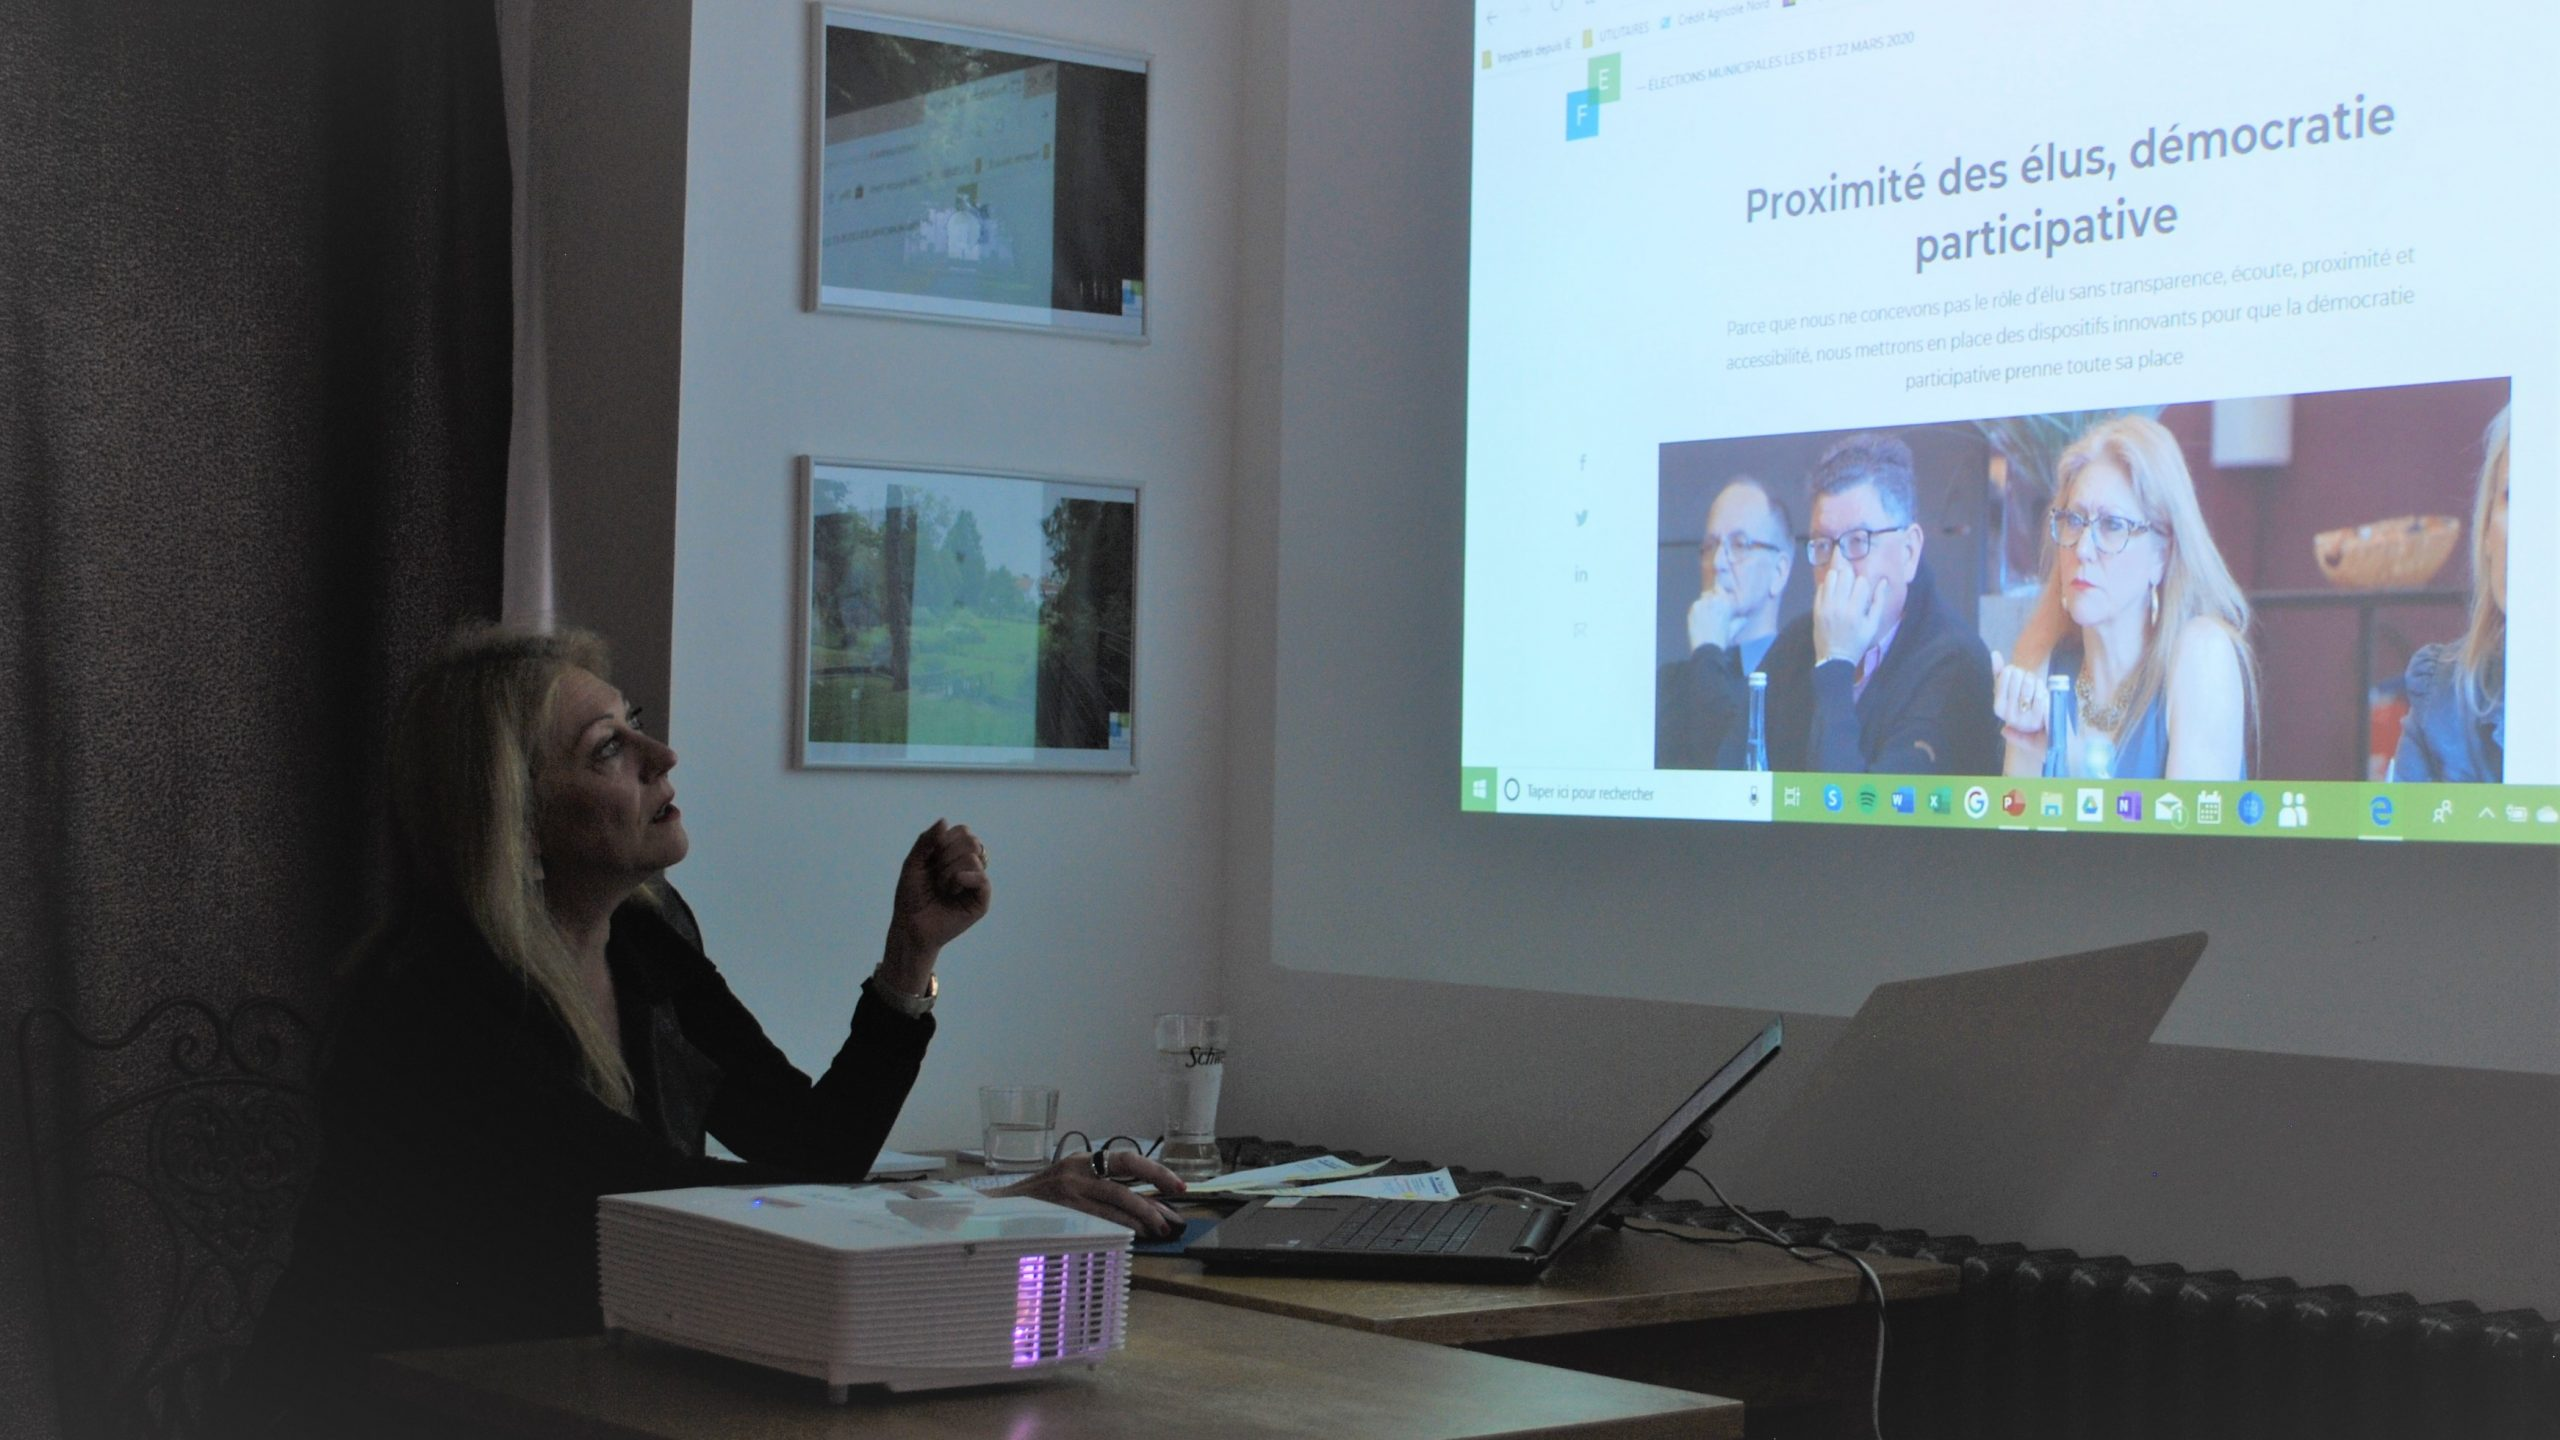 Ginette Beugnet, candidate déclarée à Frévent : le discours de la méthode